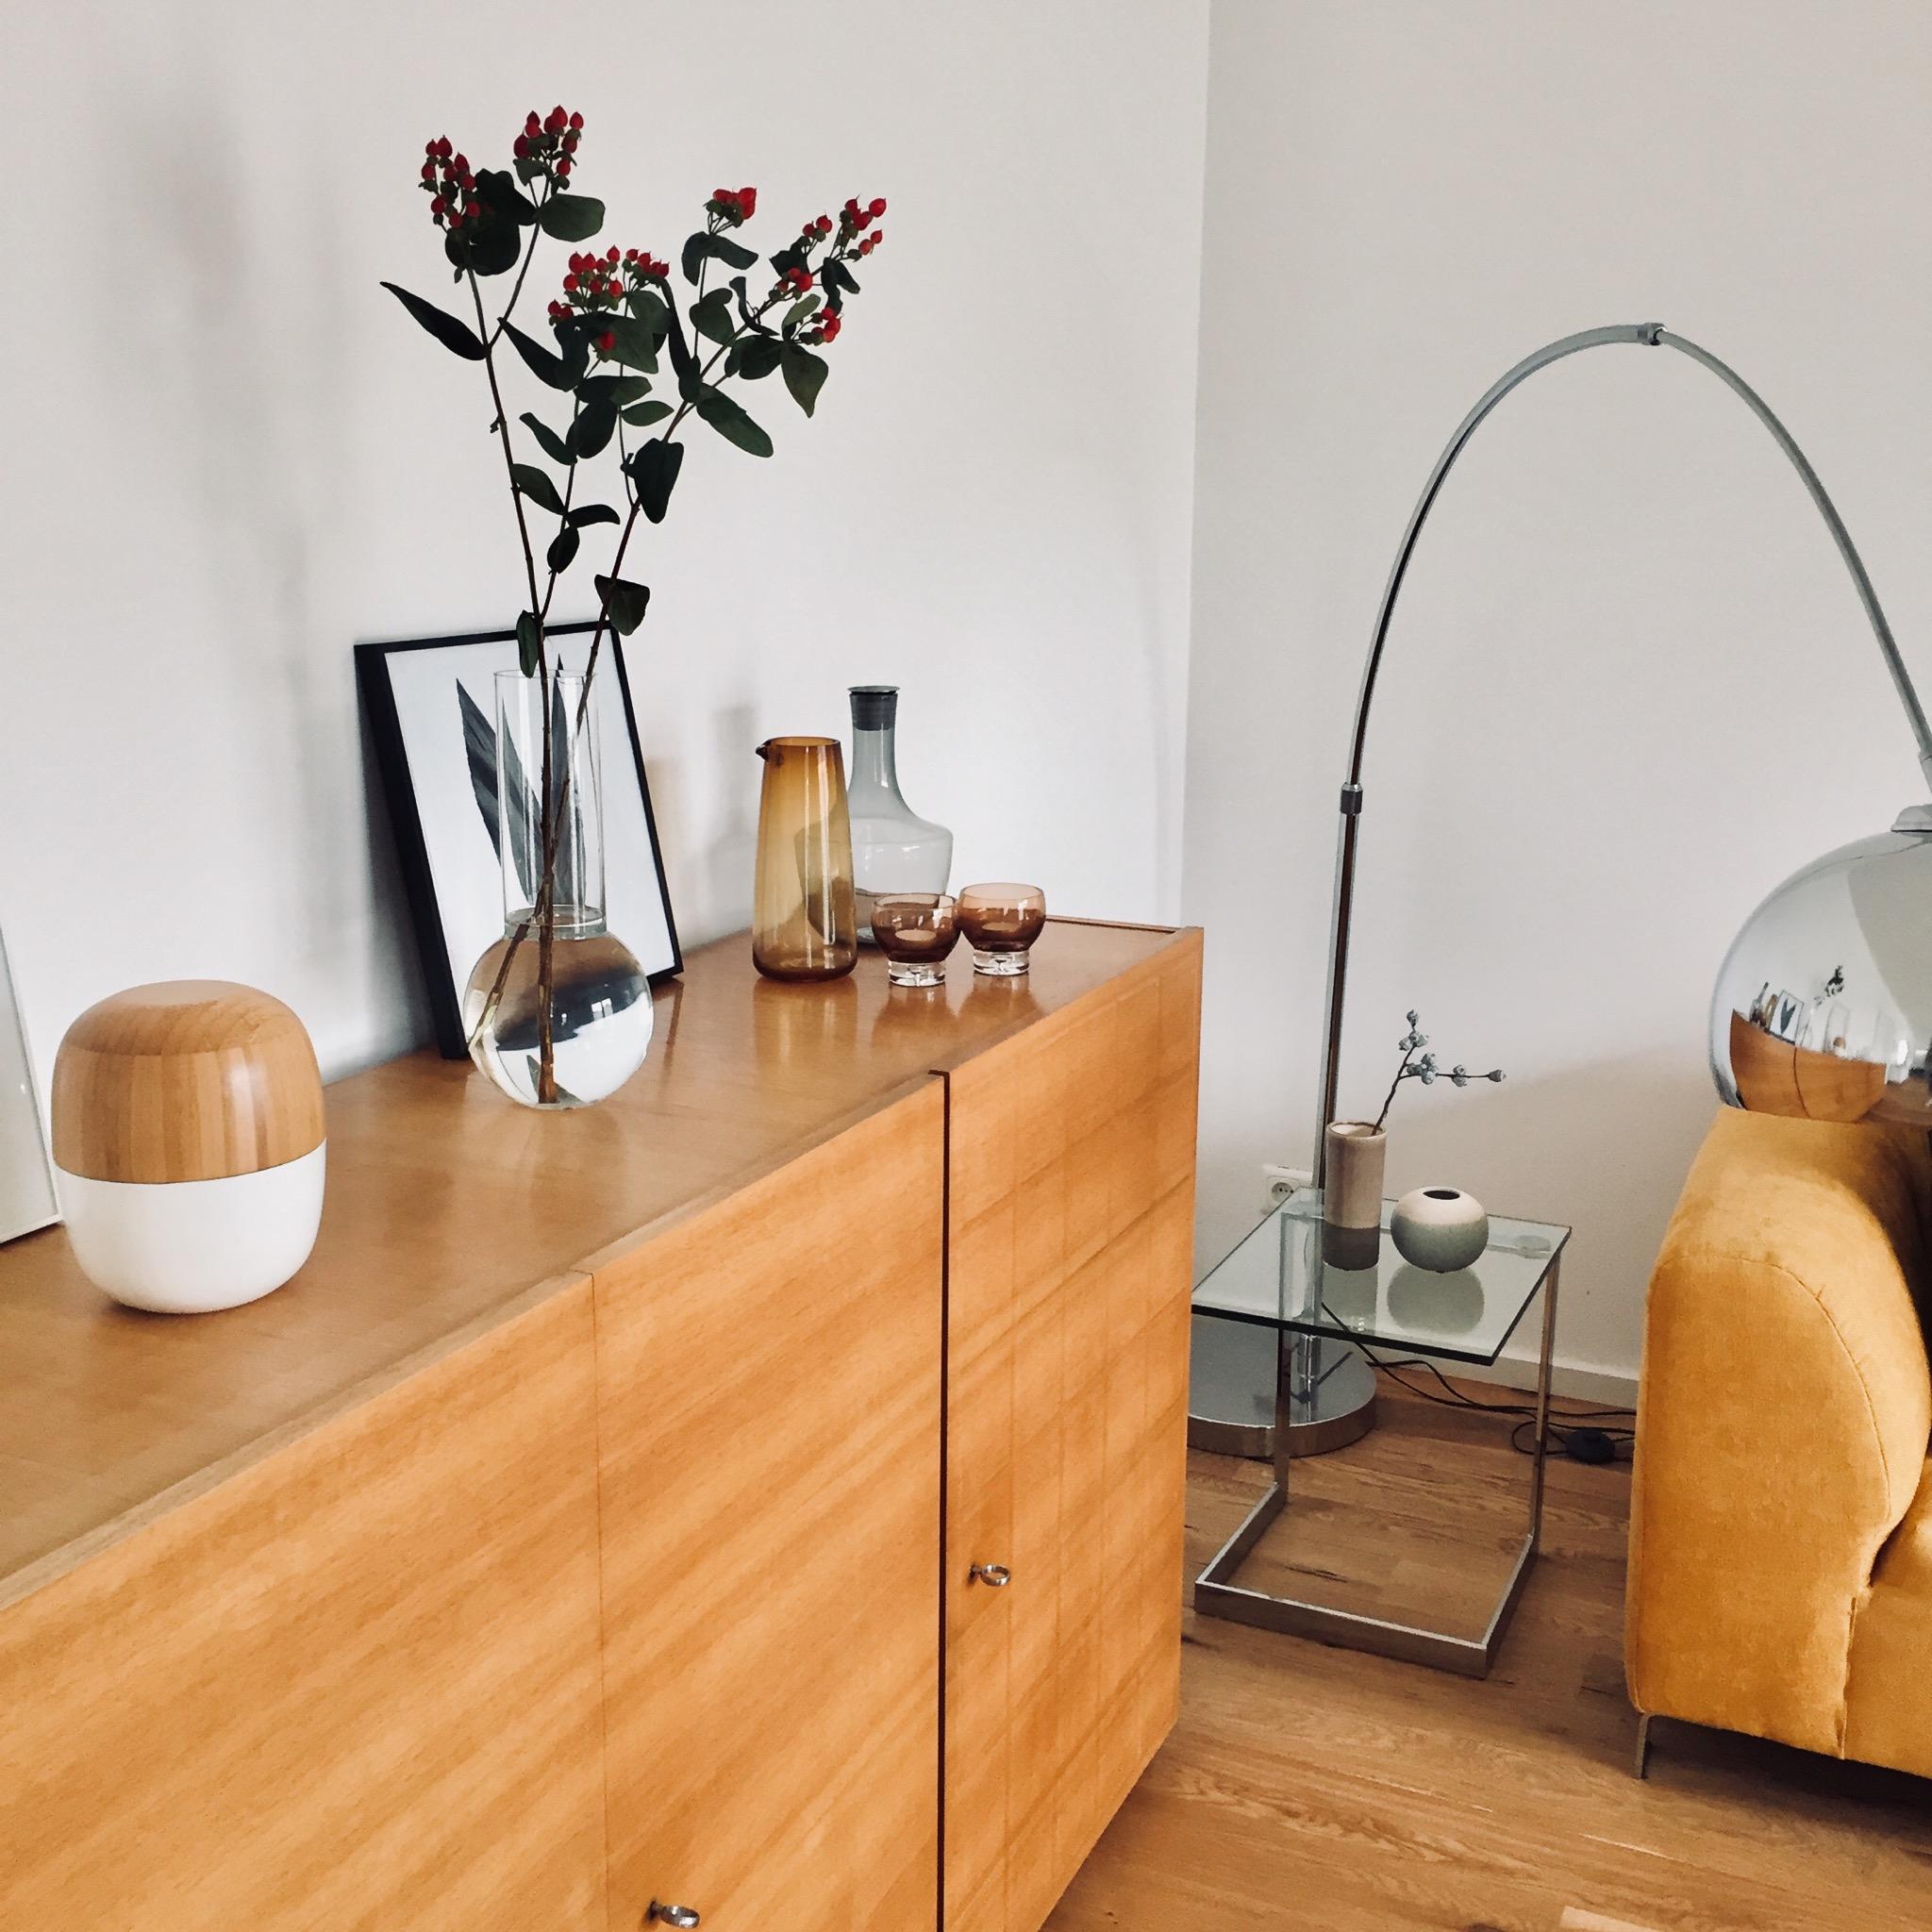 vintage • bilder & ideen • couchstyle, Hause deko